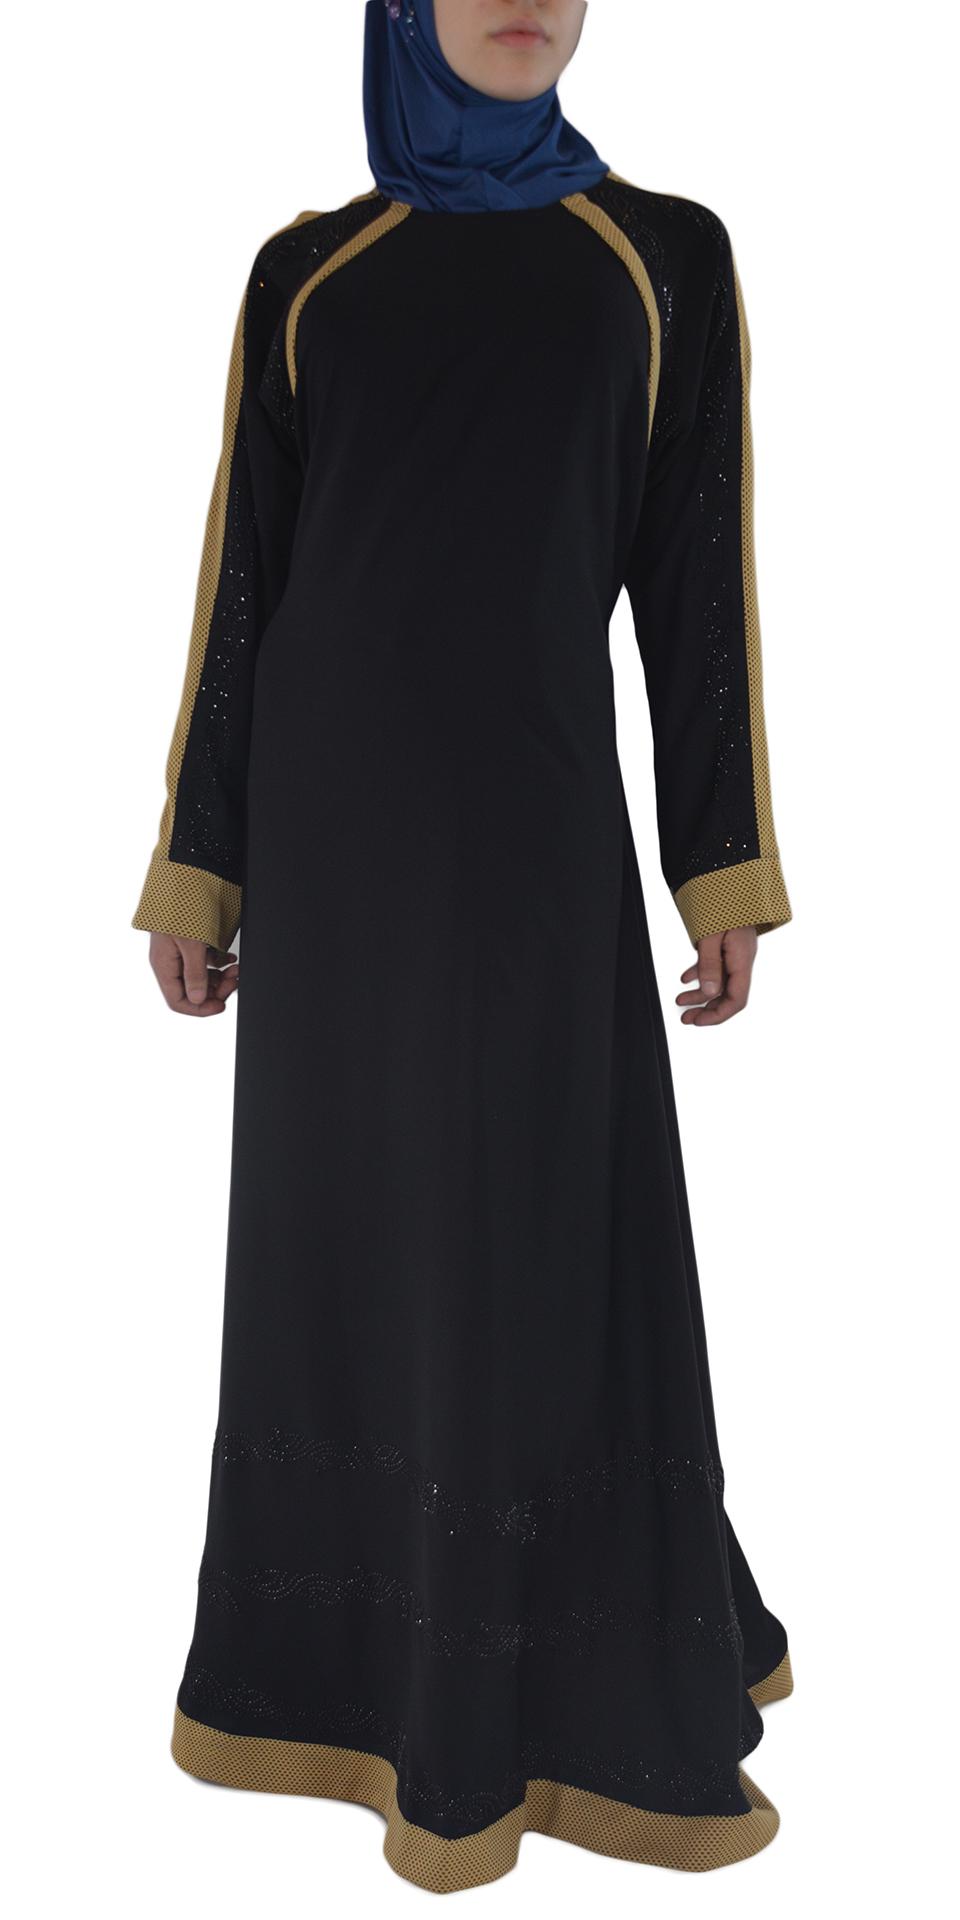 Shirin - Black and Tan Abaya Front 2